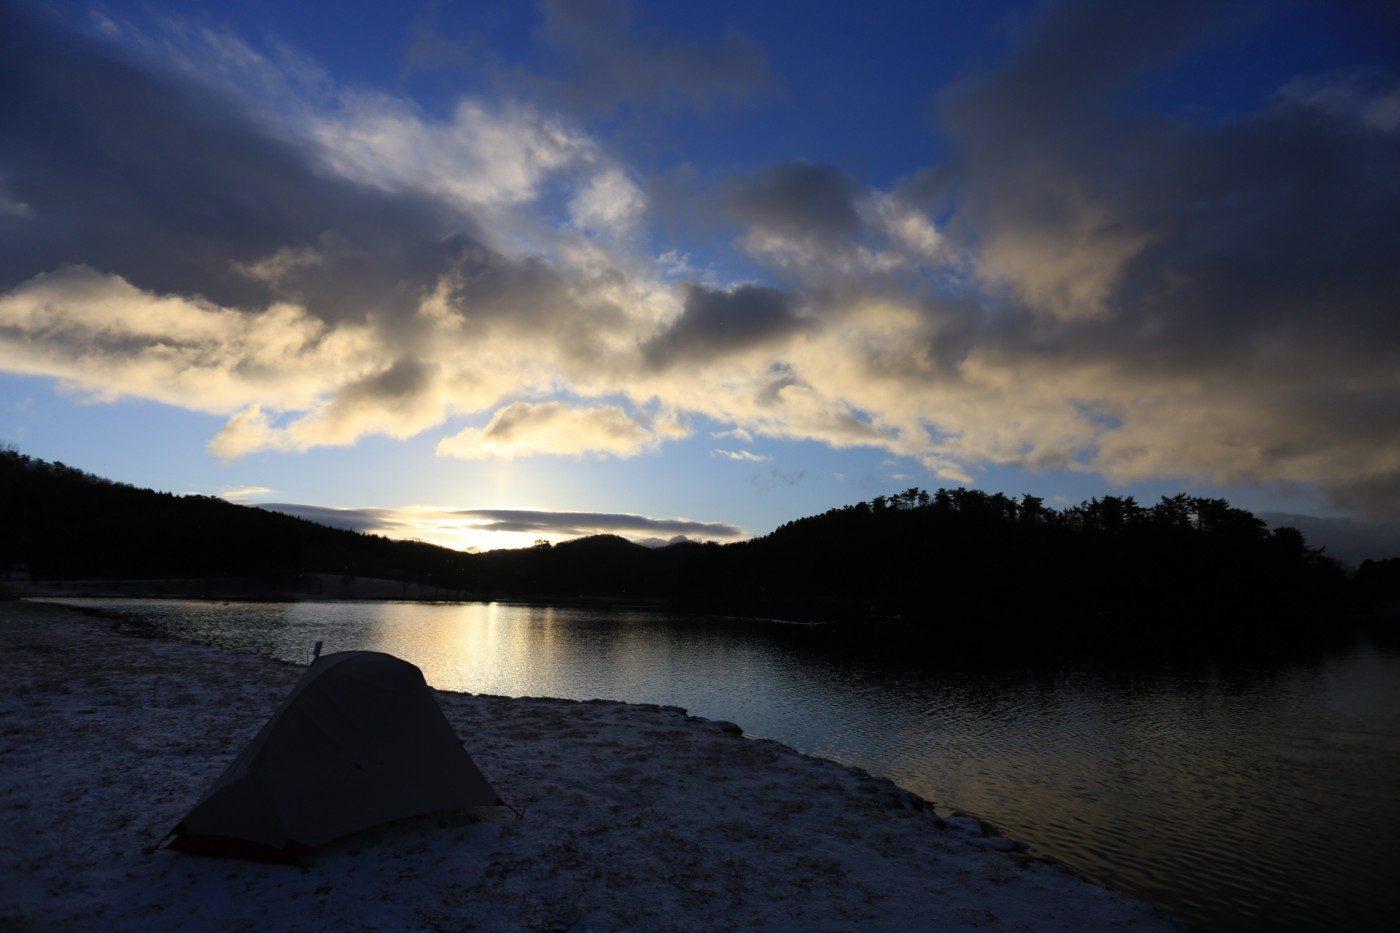 キャンプ場で迎える朝日は筆舌に尽くし難いほど美しい